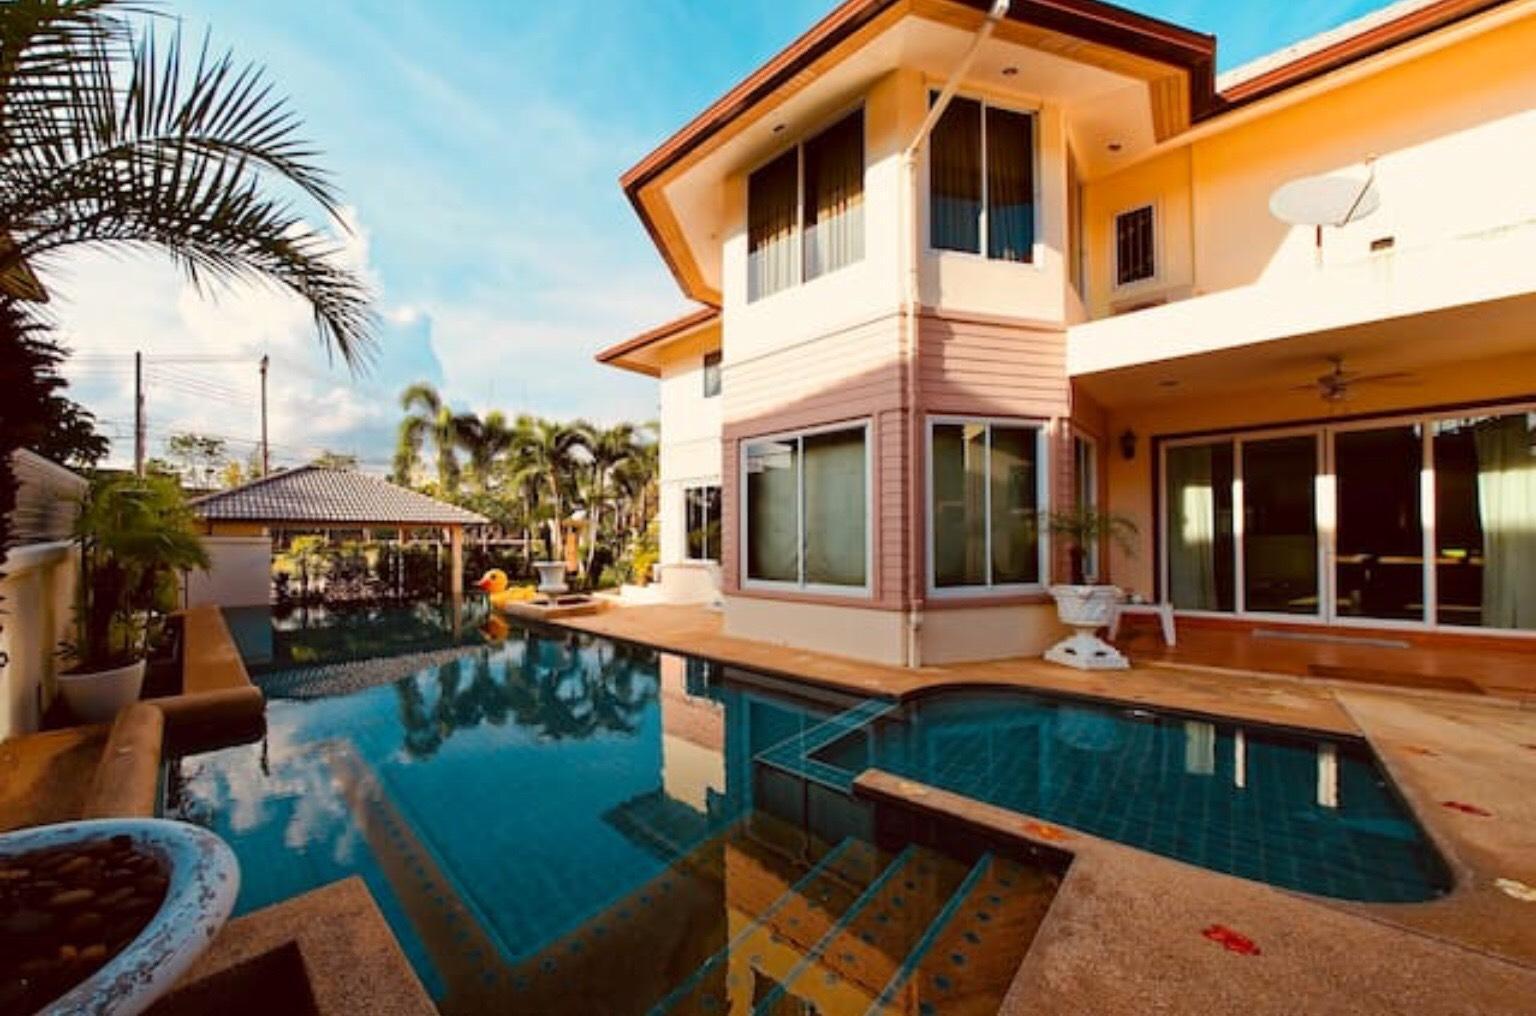 The Farah House บ้านเดี่ยว 5 ห้องนอน 4 ห้องน้ำส่วนตัว ขนาด 250 ตร.ม. – เขาตาโล